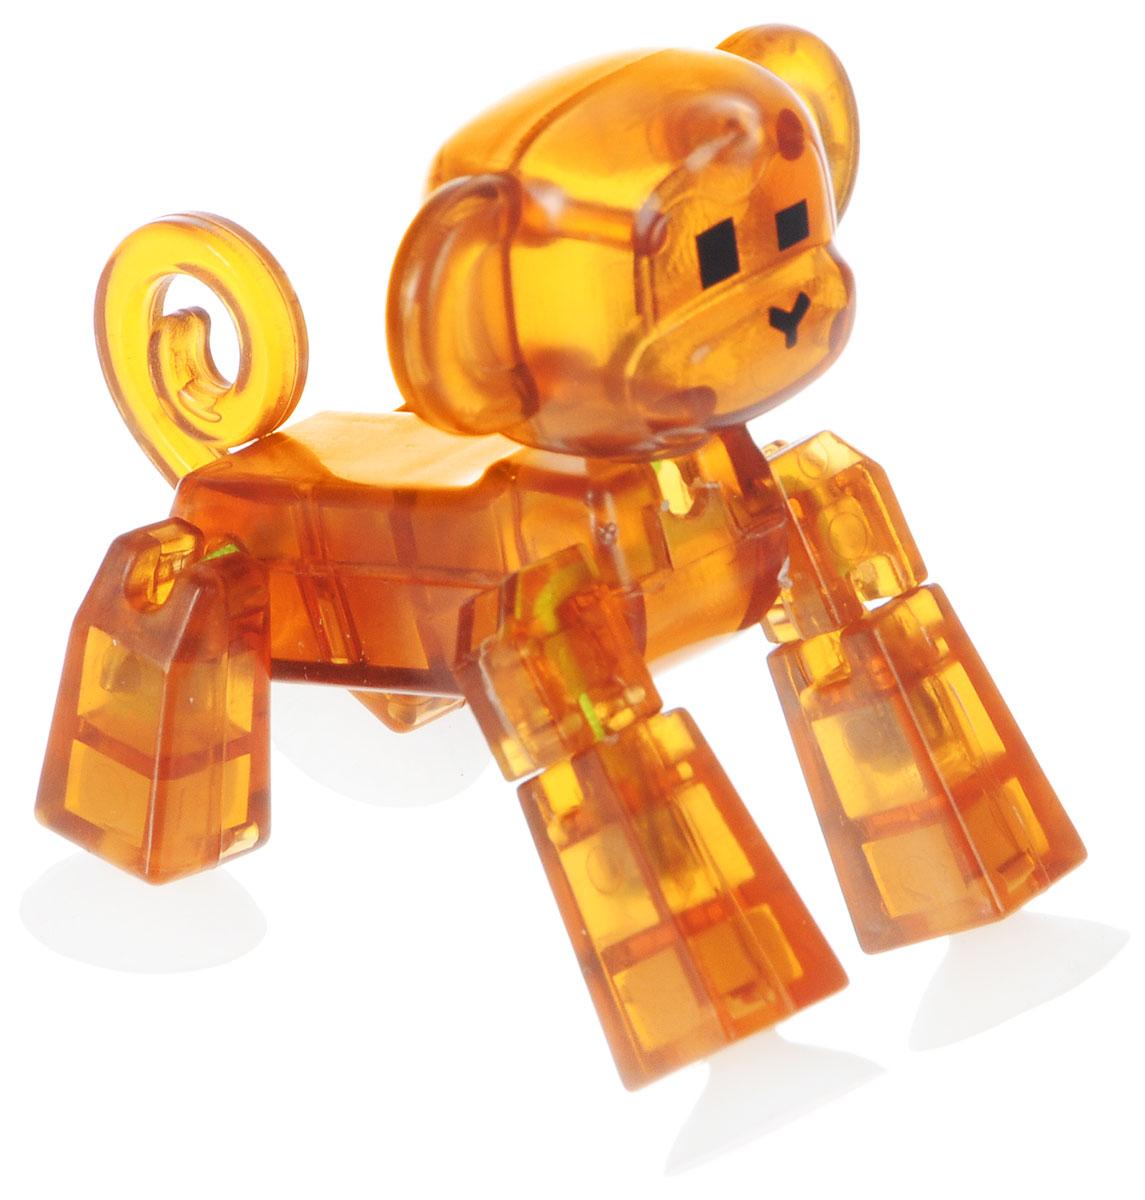 Stikbot Фигурка Питомцы Мартышка цвет коричневый stikbot фигурка питомцы бульдог красный